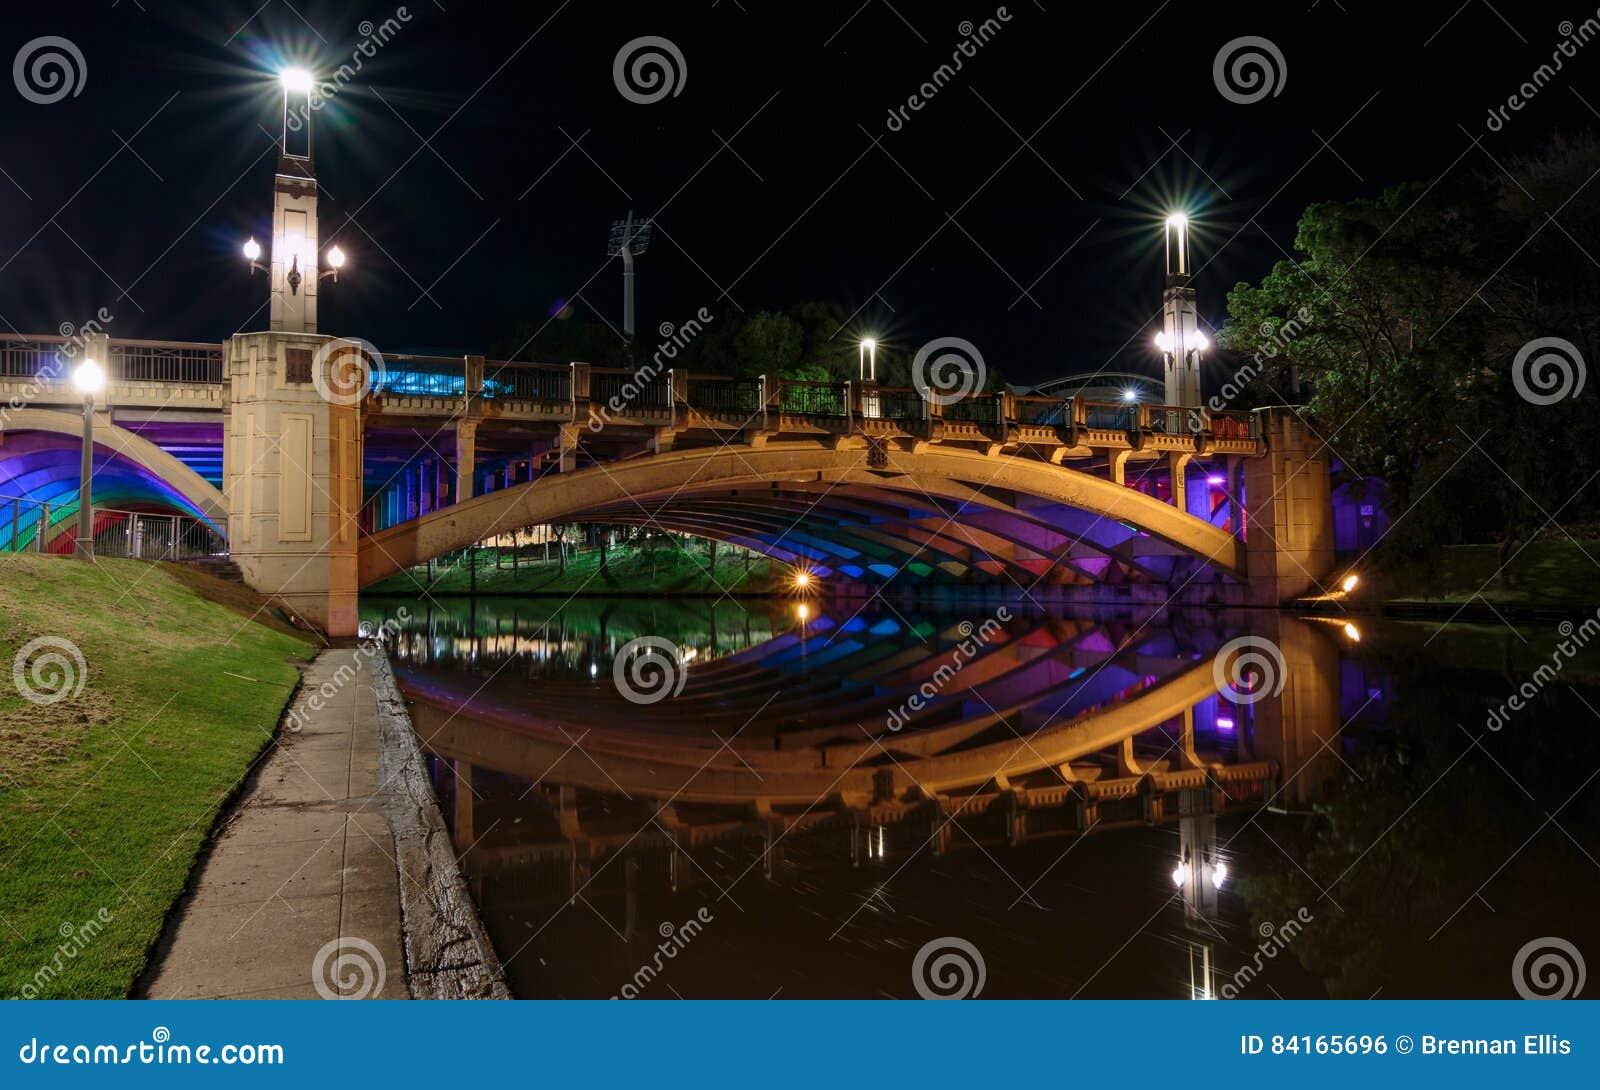 Adelaide City Bridge